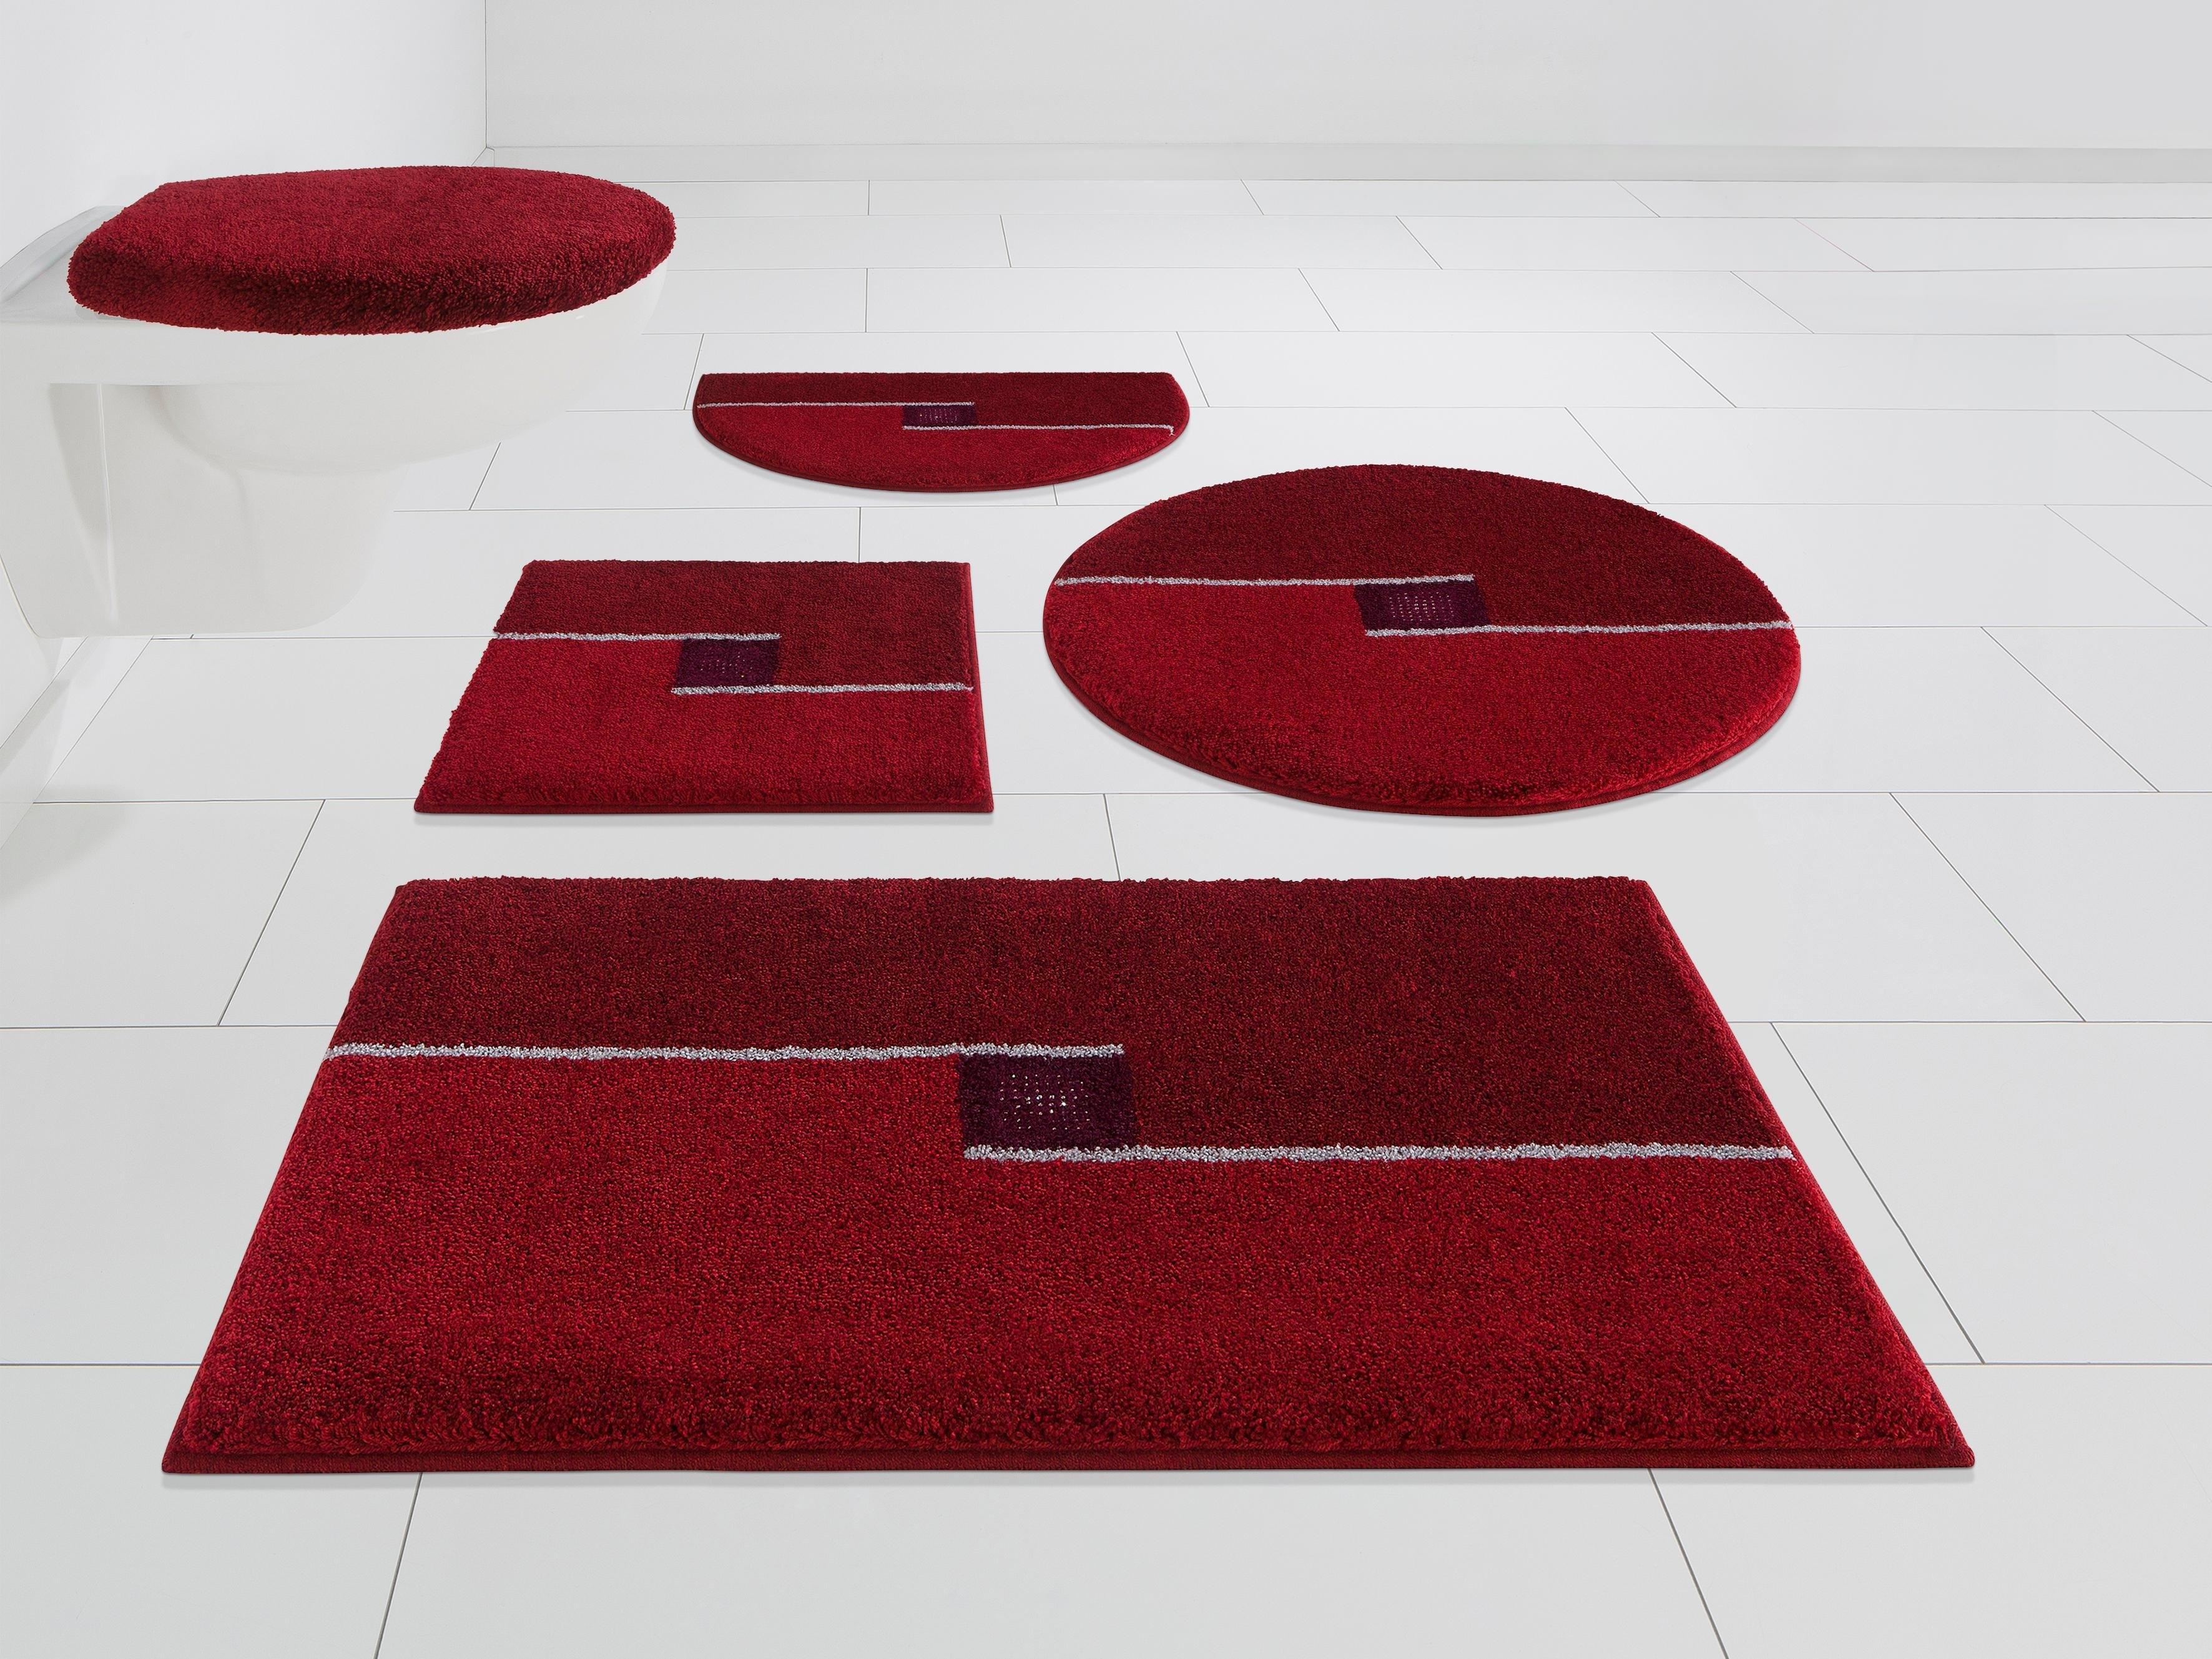 Grund Exklusiv Badmat »Crystal Touch«, 17 mm hoog, antislip-coating, geschikt voor vloerverwarming bestellen: 30 dagen bedenktijd